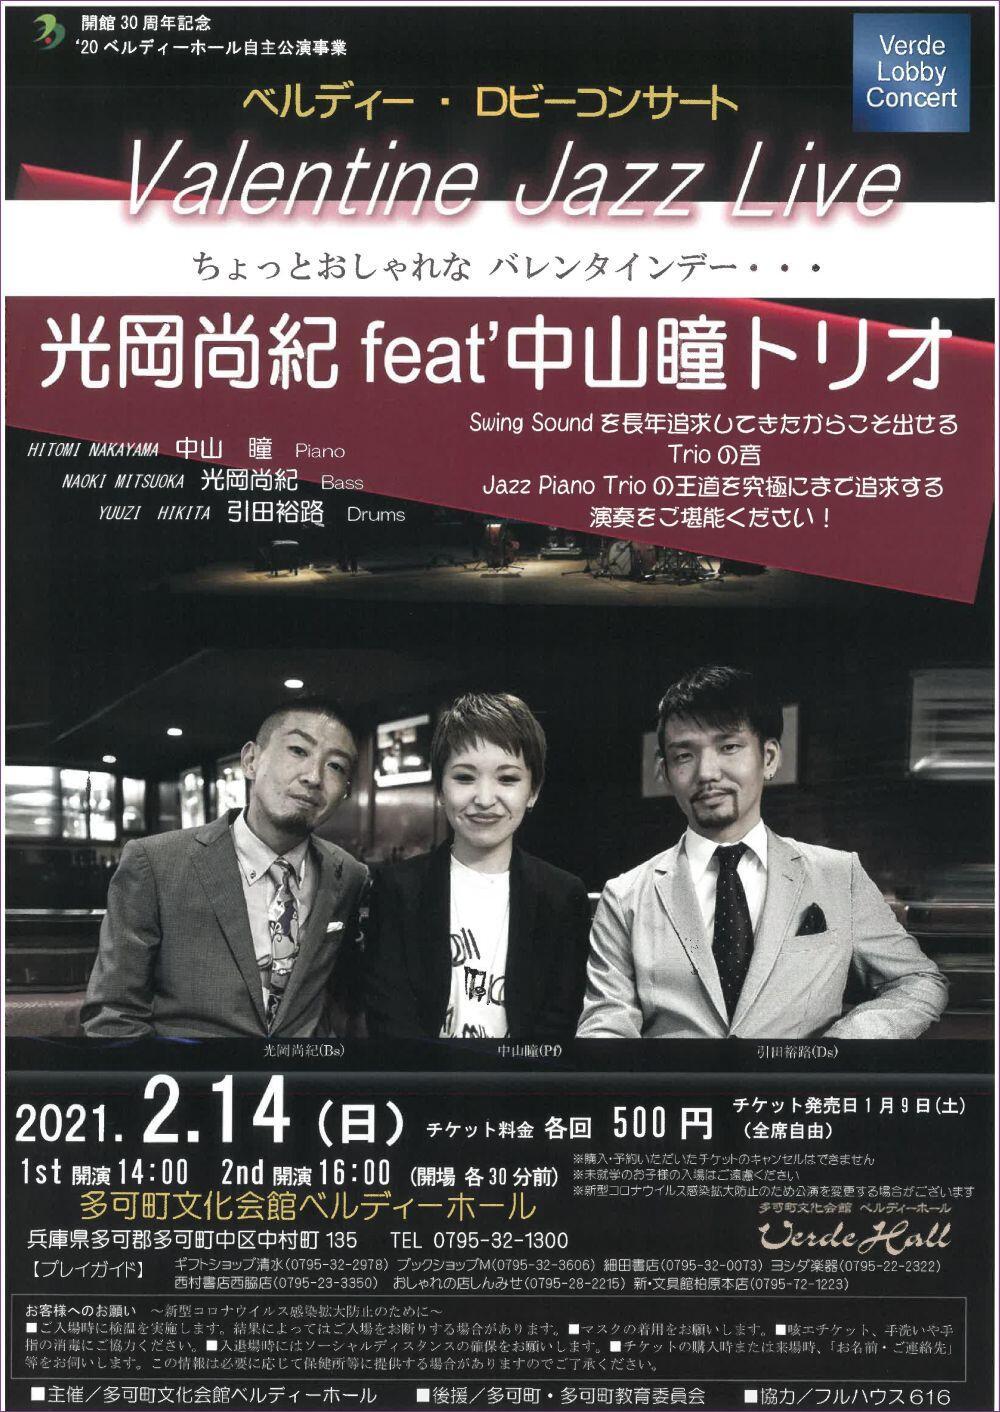 【中止】2/14 ロビーコンサート2020 バレンタイン ジャズコンサート:ベルディーホール